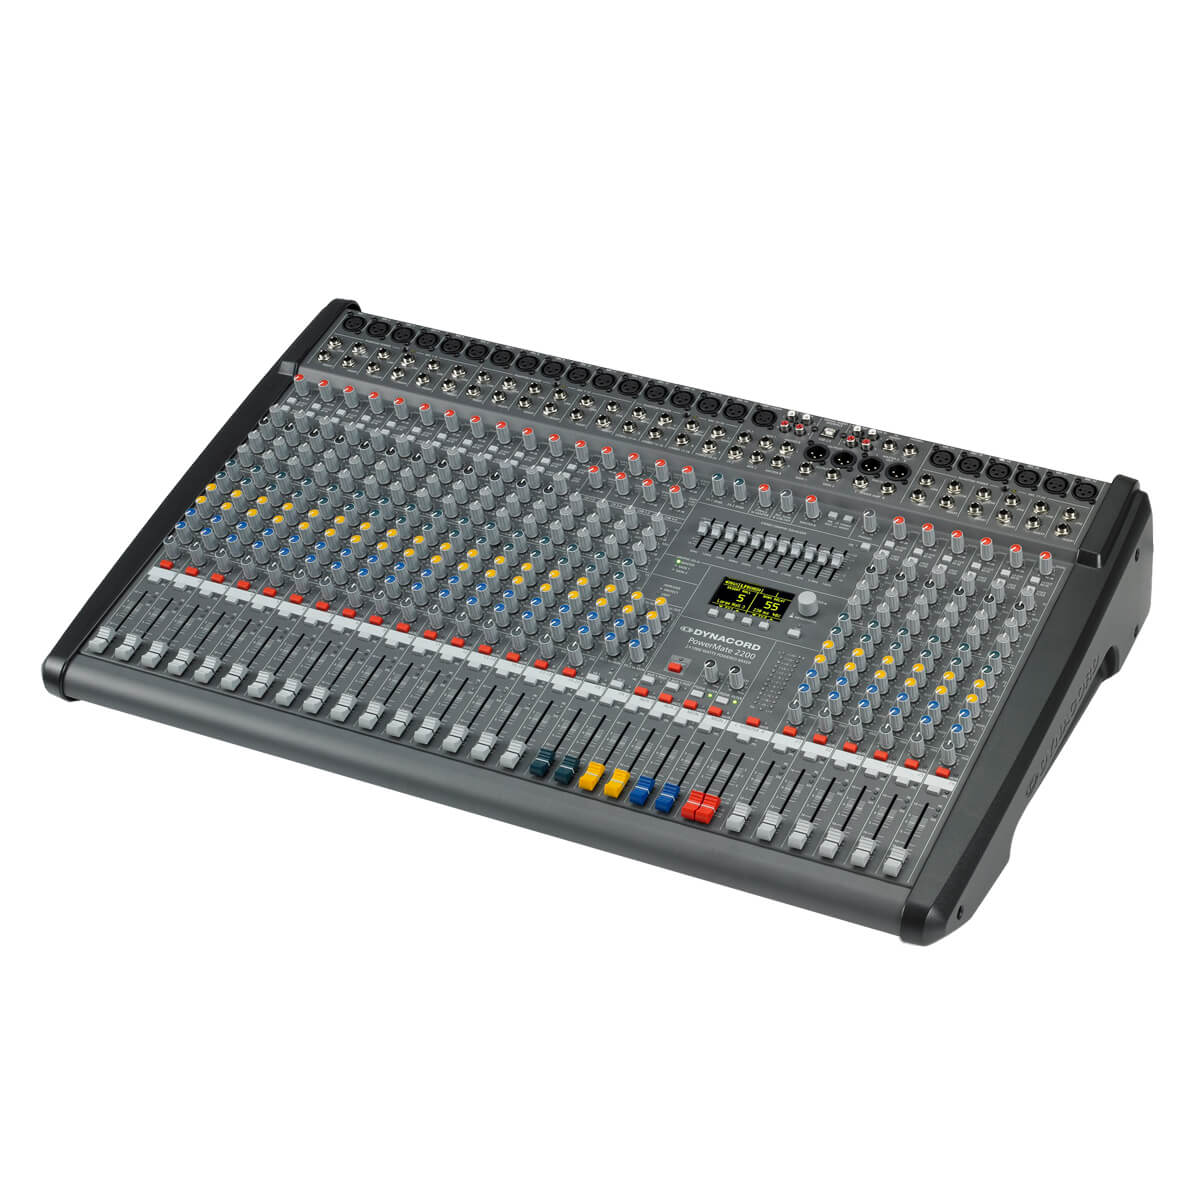 Mixer Dynacord PowerMate 2200-3 chính hãng